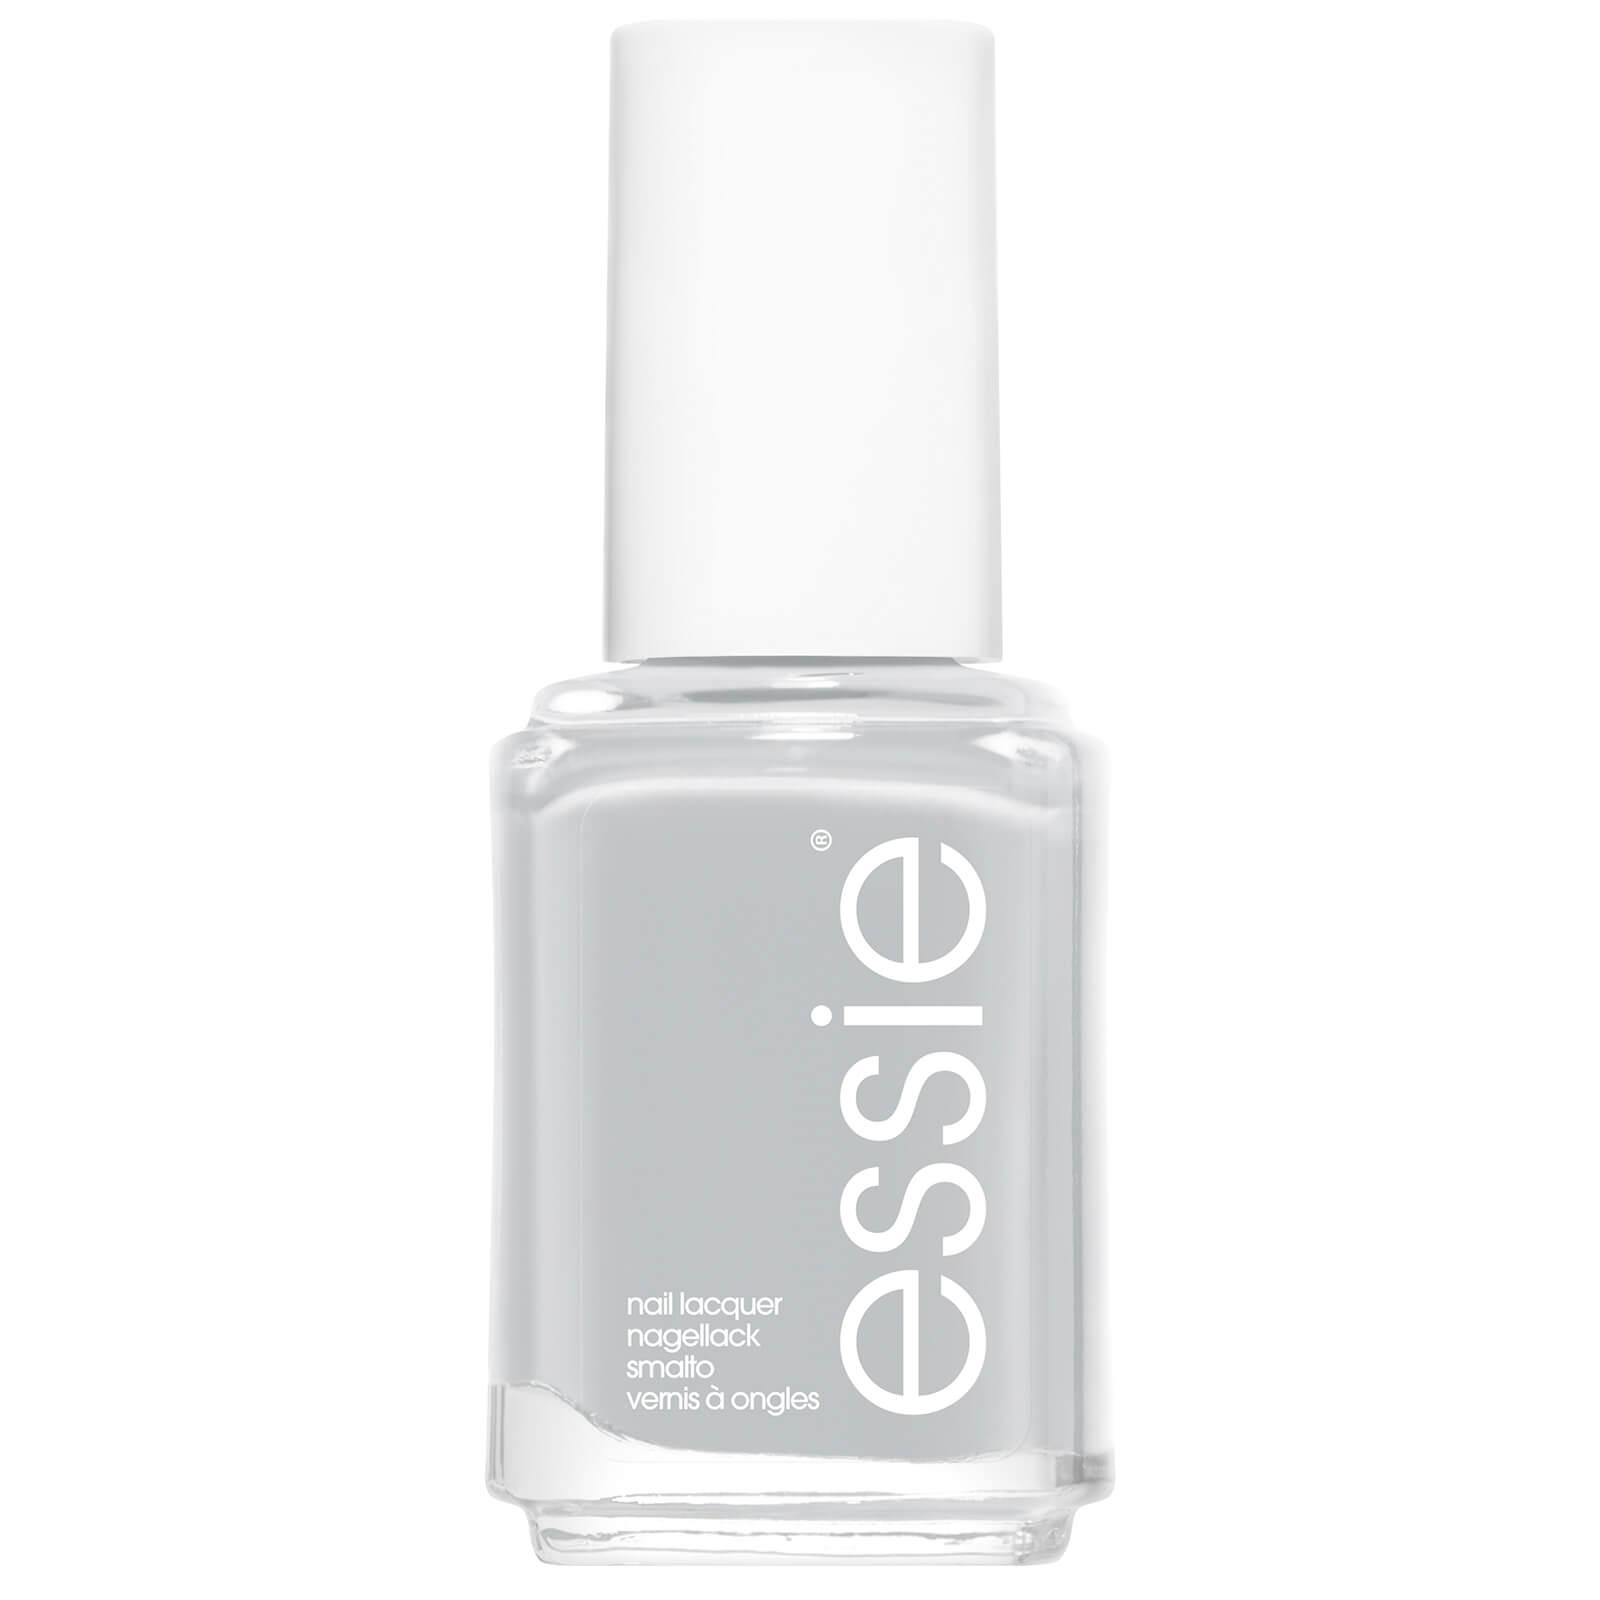 essie Nail Colour 13.5ml (Various Shades) - Press Pause Light Grey